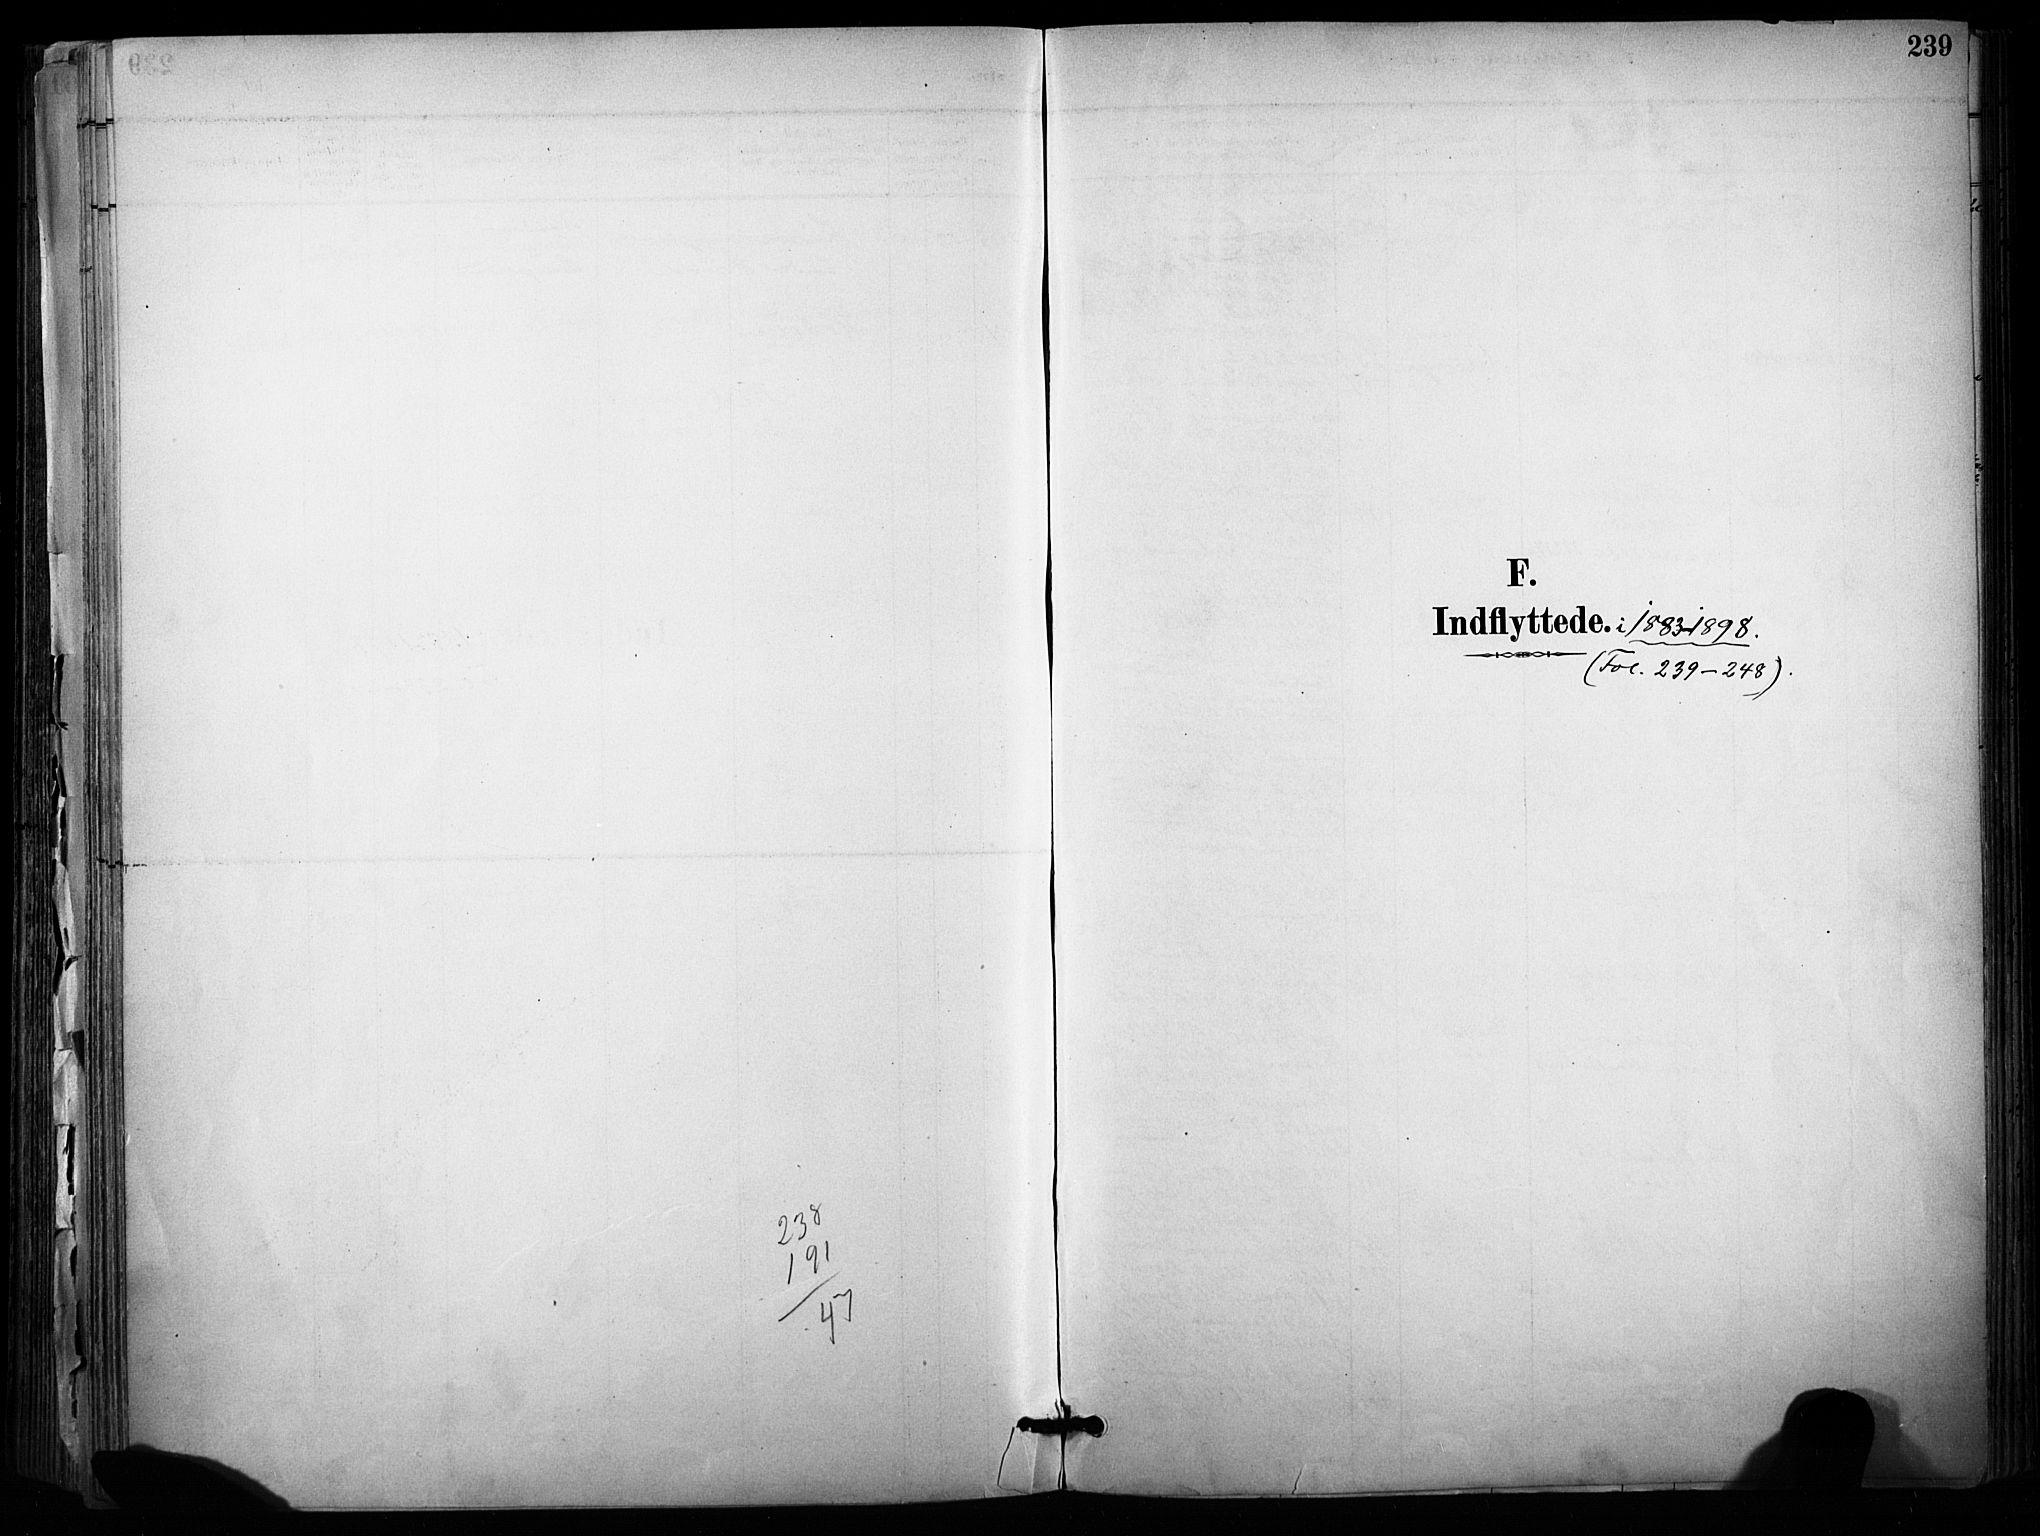 SAKO, Sannidal kirkebøker, F/Fa/L0015: Ministerialbok nr. 15, 1884-1899, s. 239